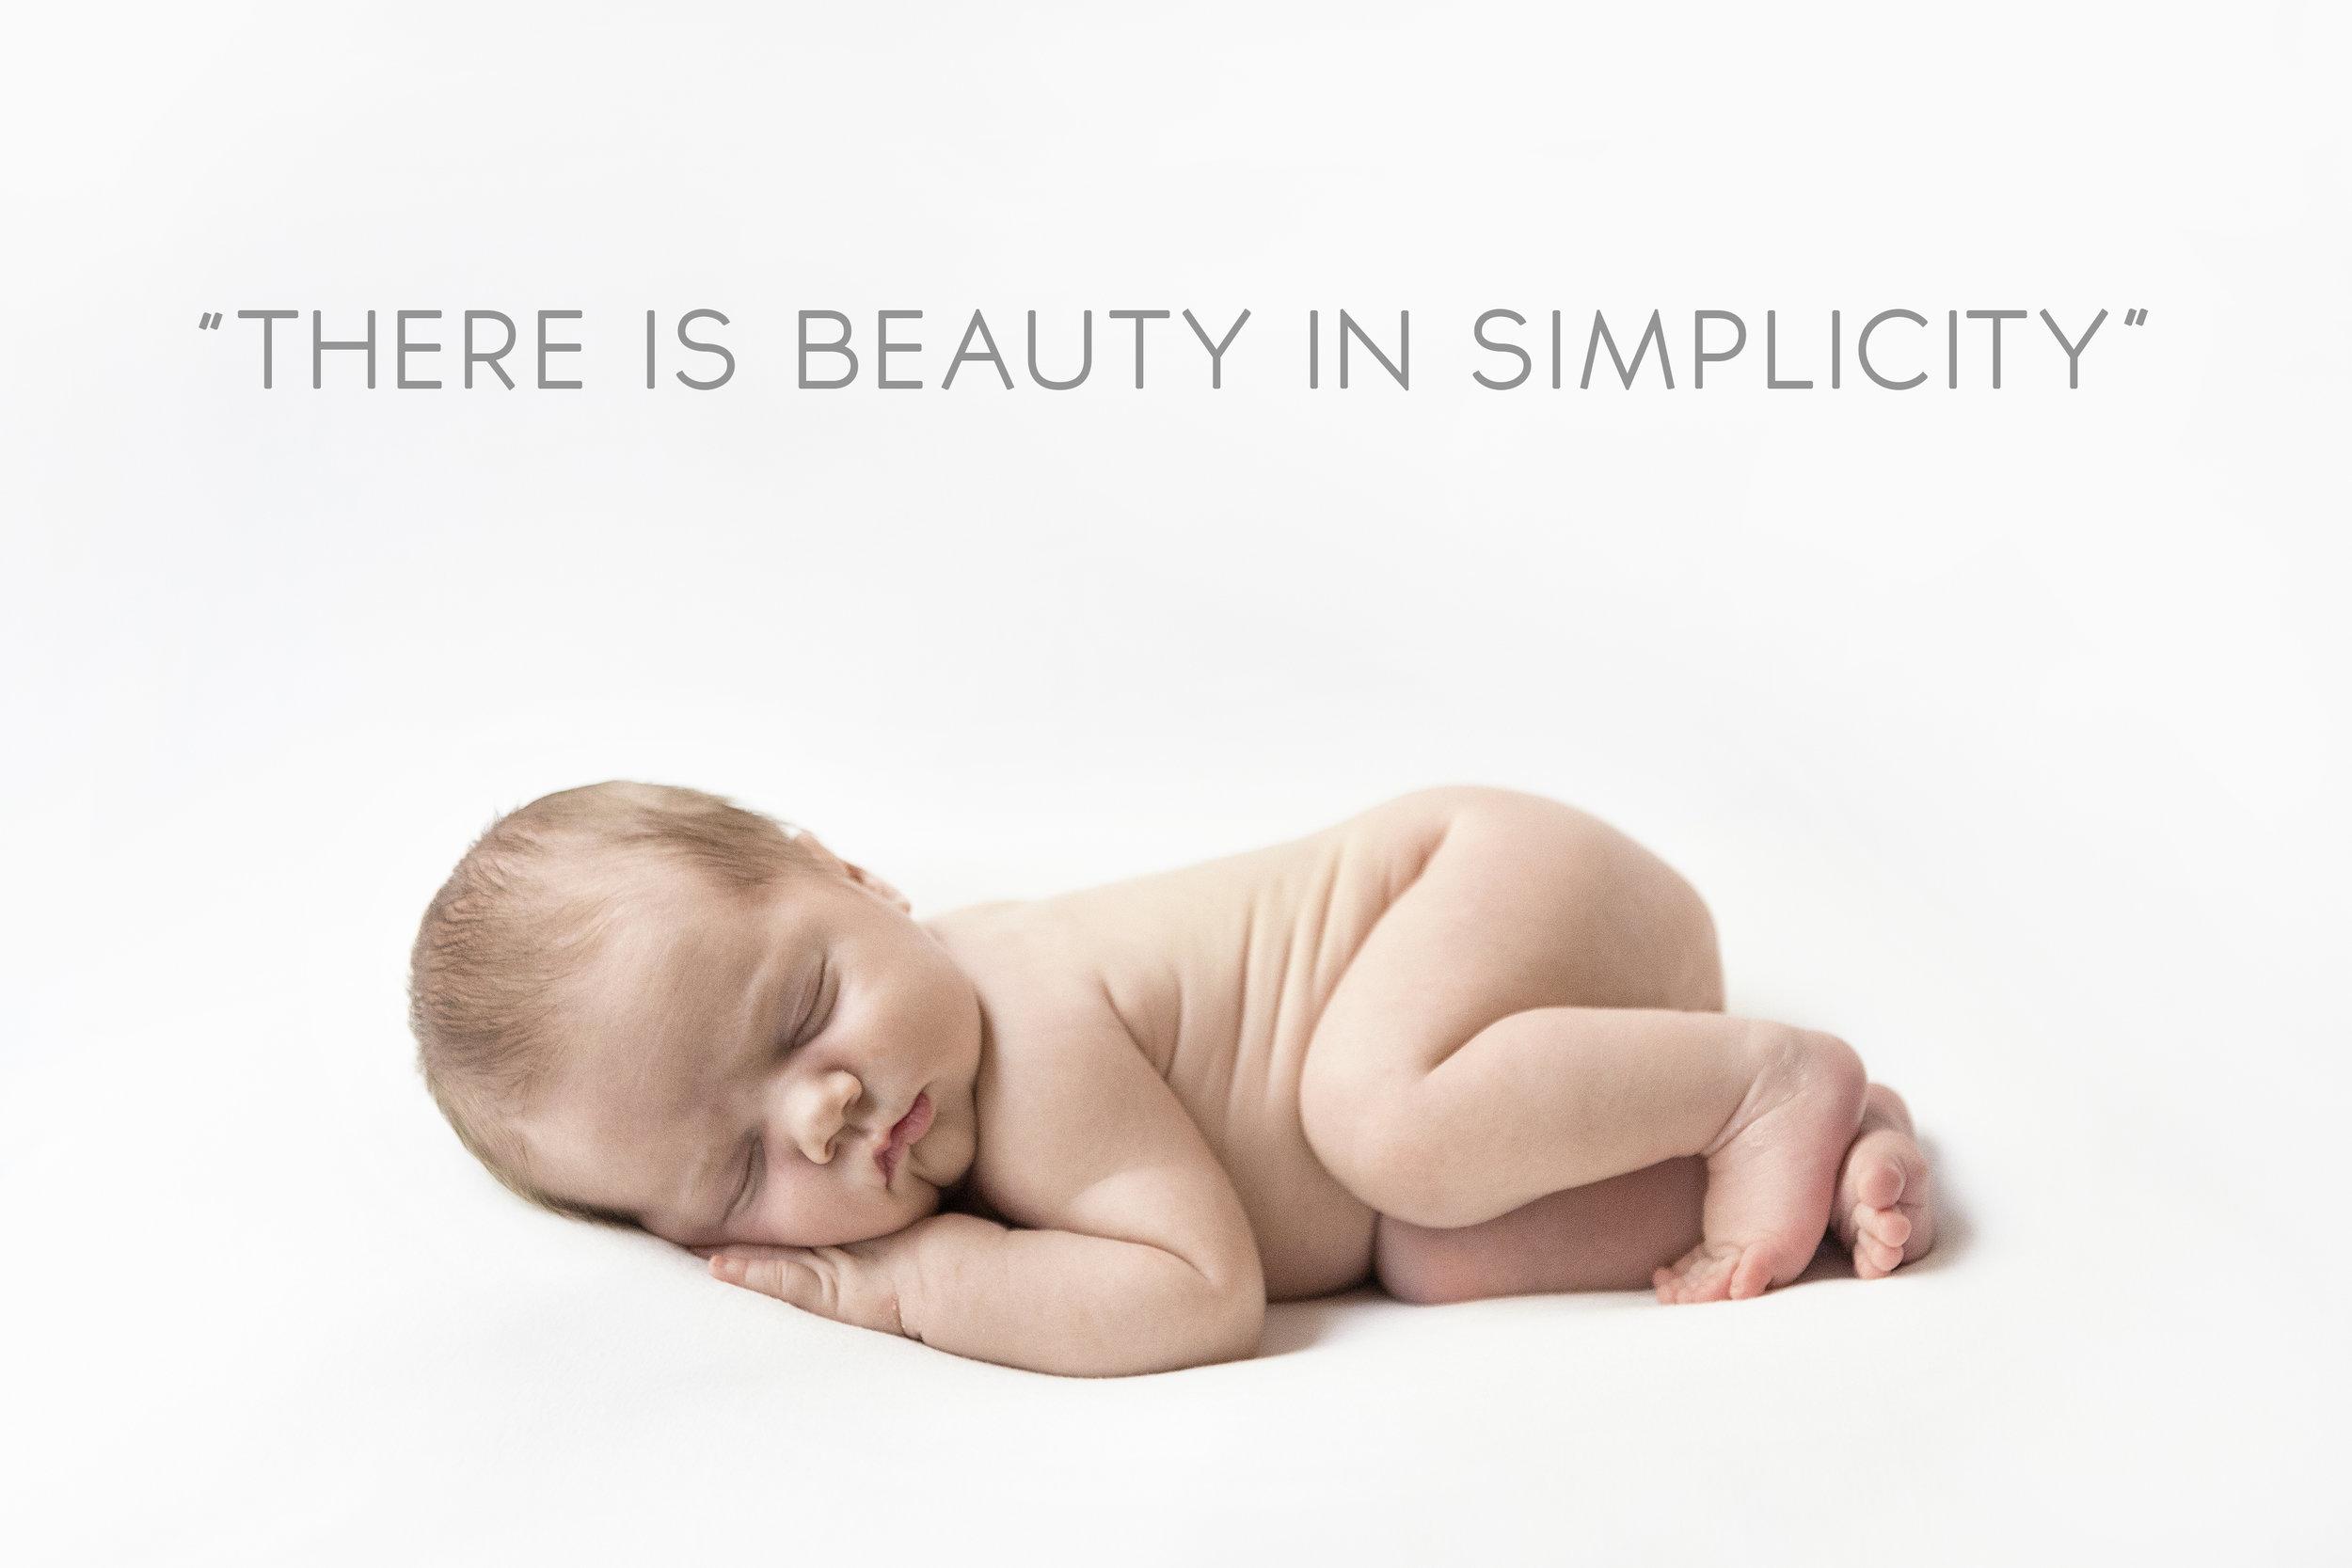 Newborn price guide spino photo 4.jpg